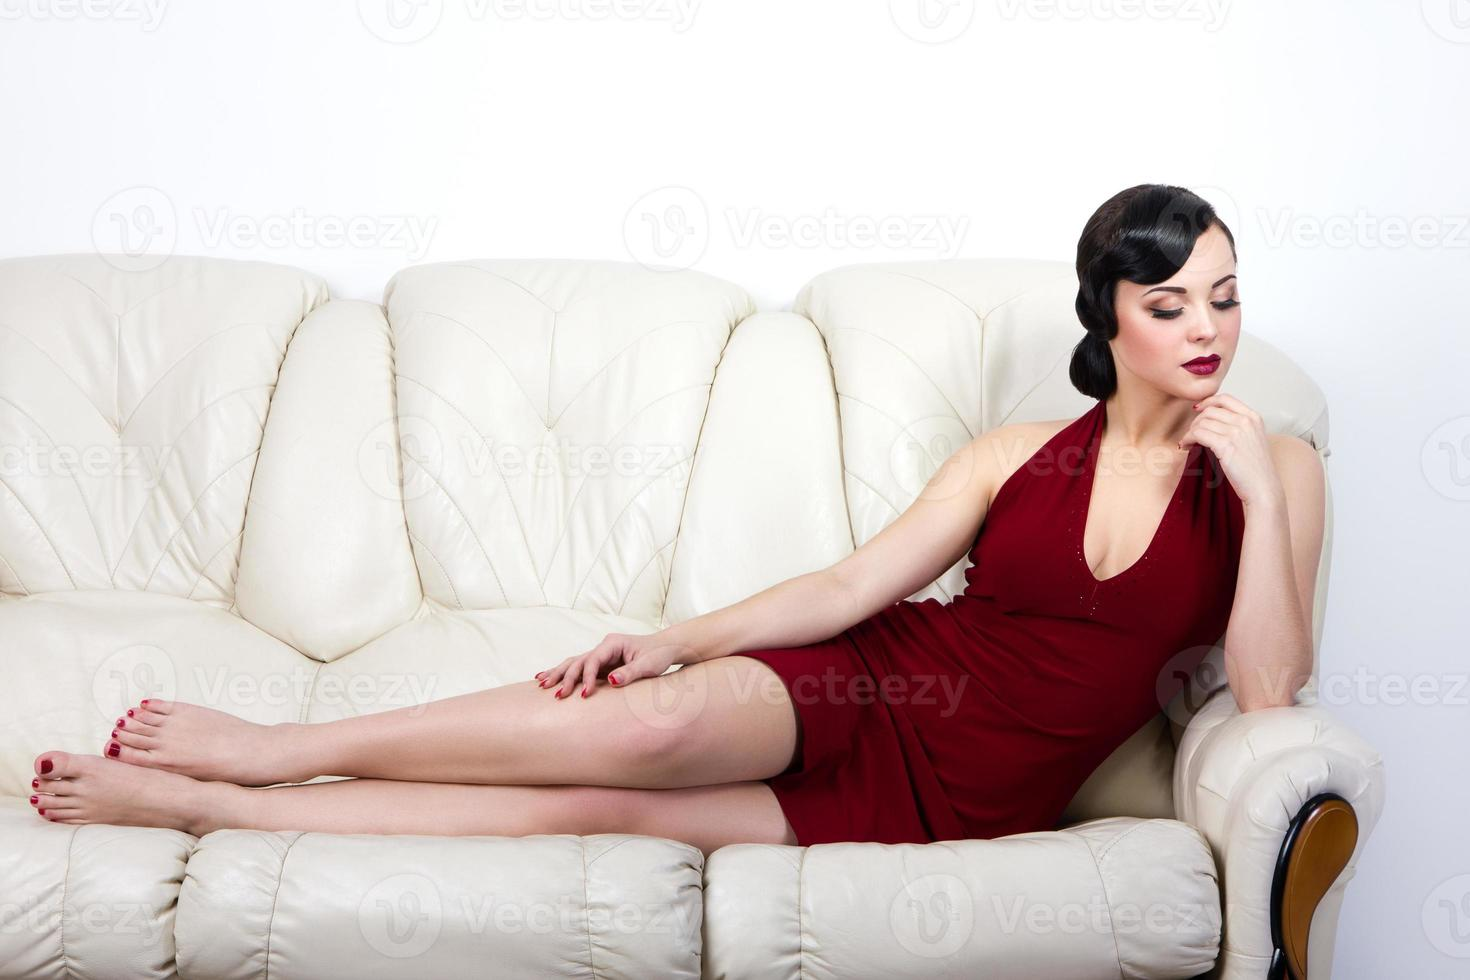 donna bruna stile retrò sdraiato sul divano foto